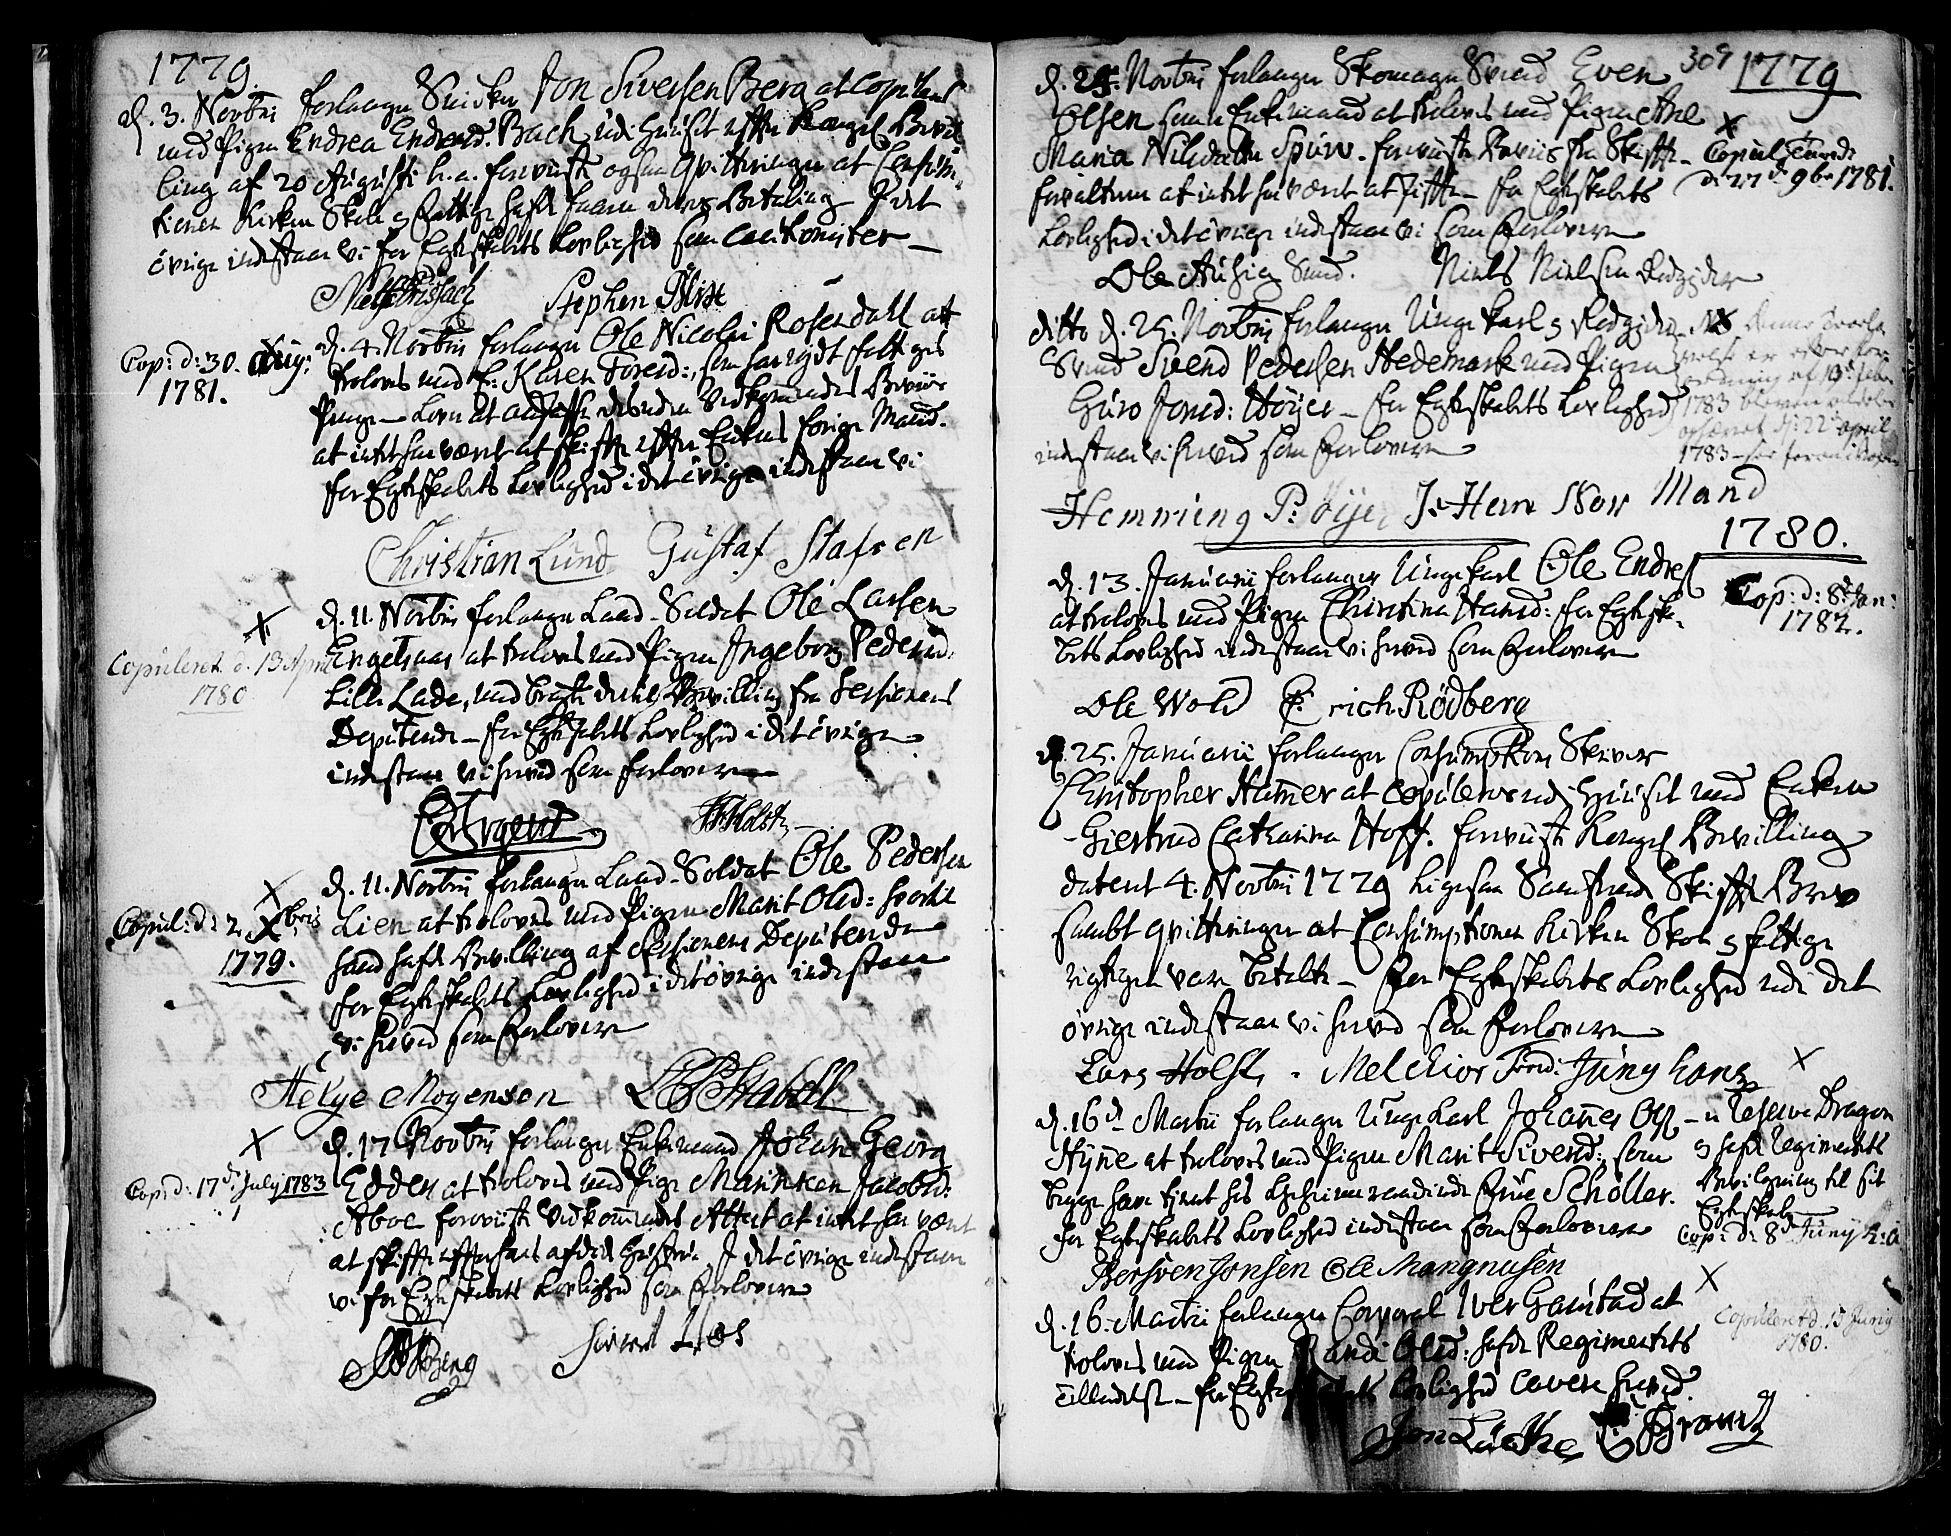 SAT, Ministerialprotokoller, klokkerbøker og fødselsregistre - Sør-Trøndelag, 601/L0038: Ministerialbok nr. 601A06, 1766-1877, s. 309